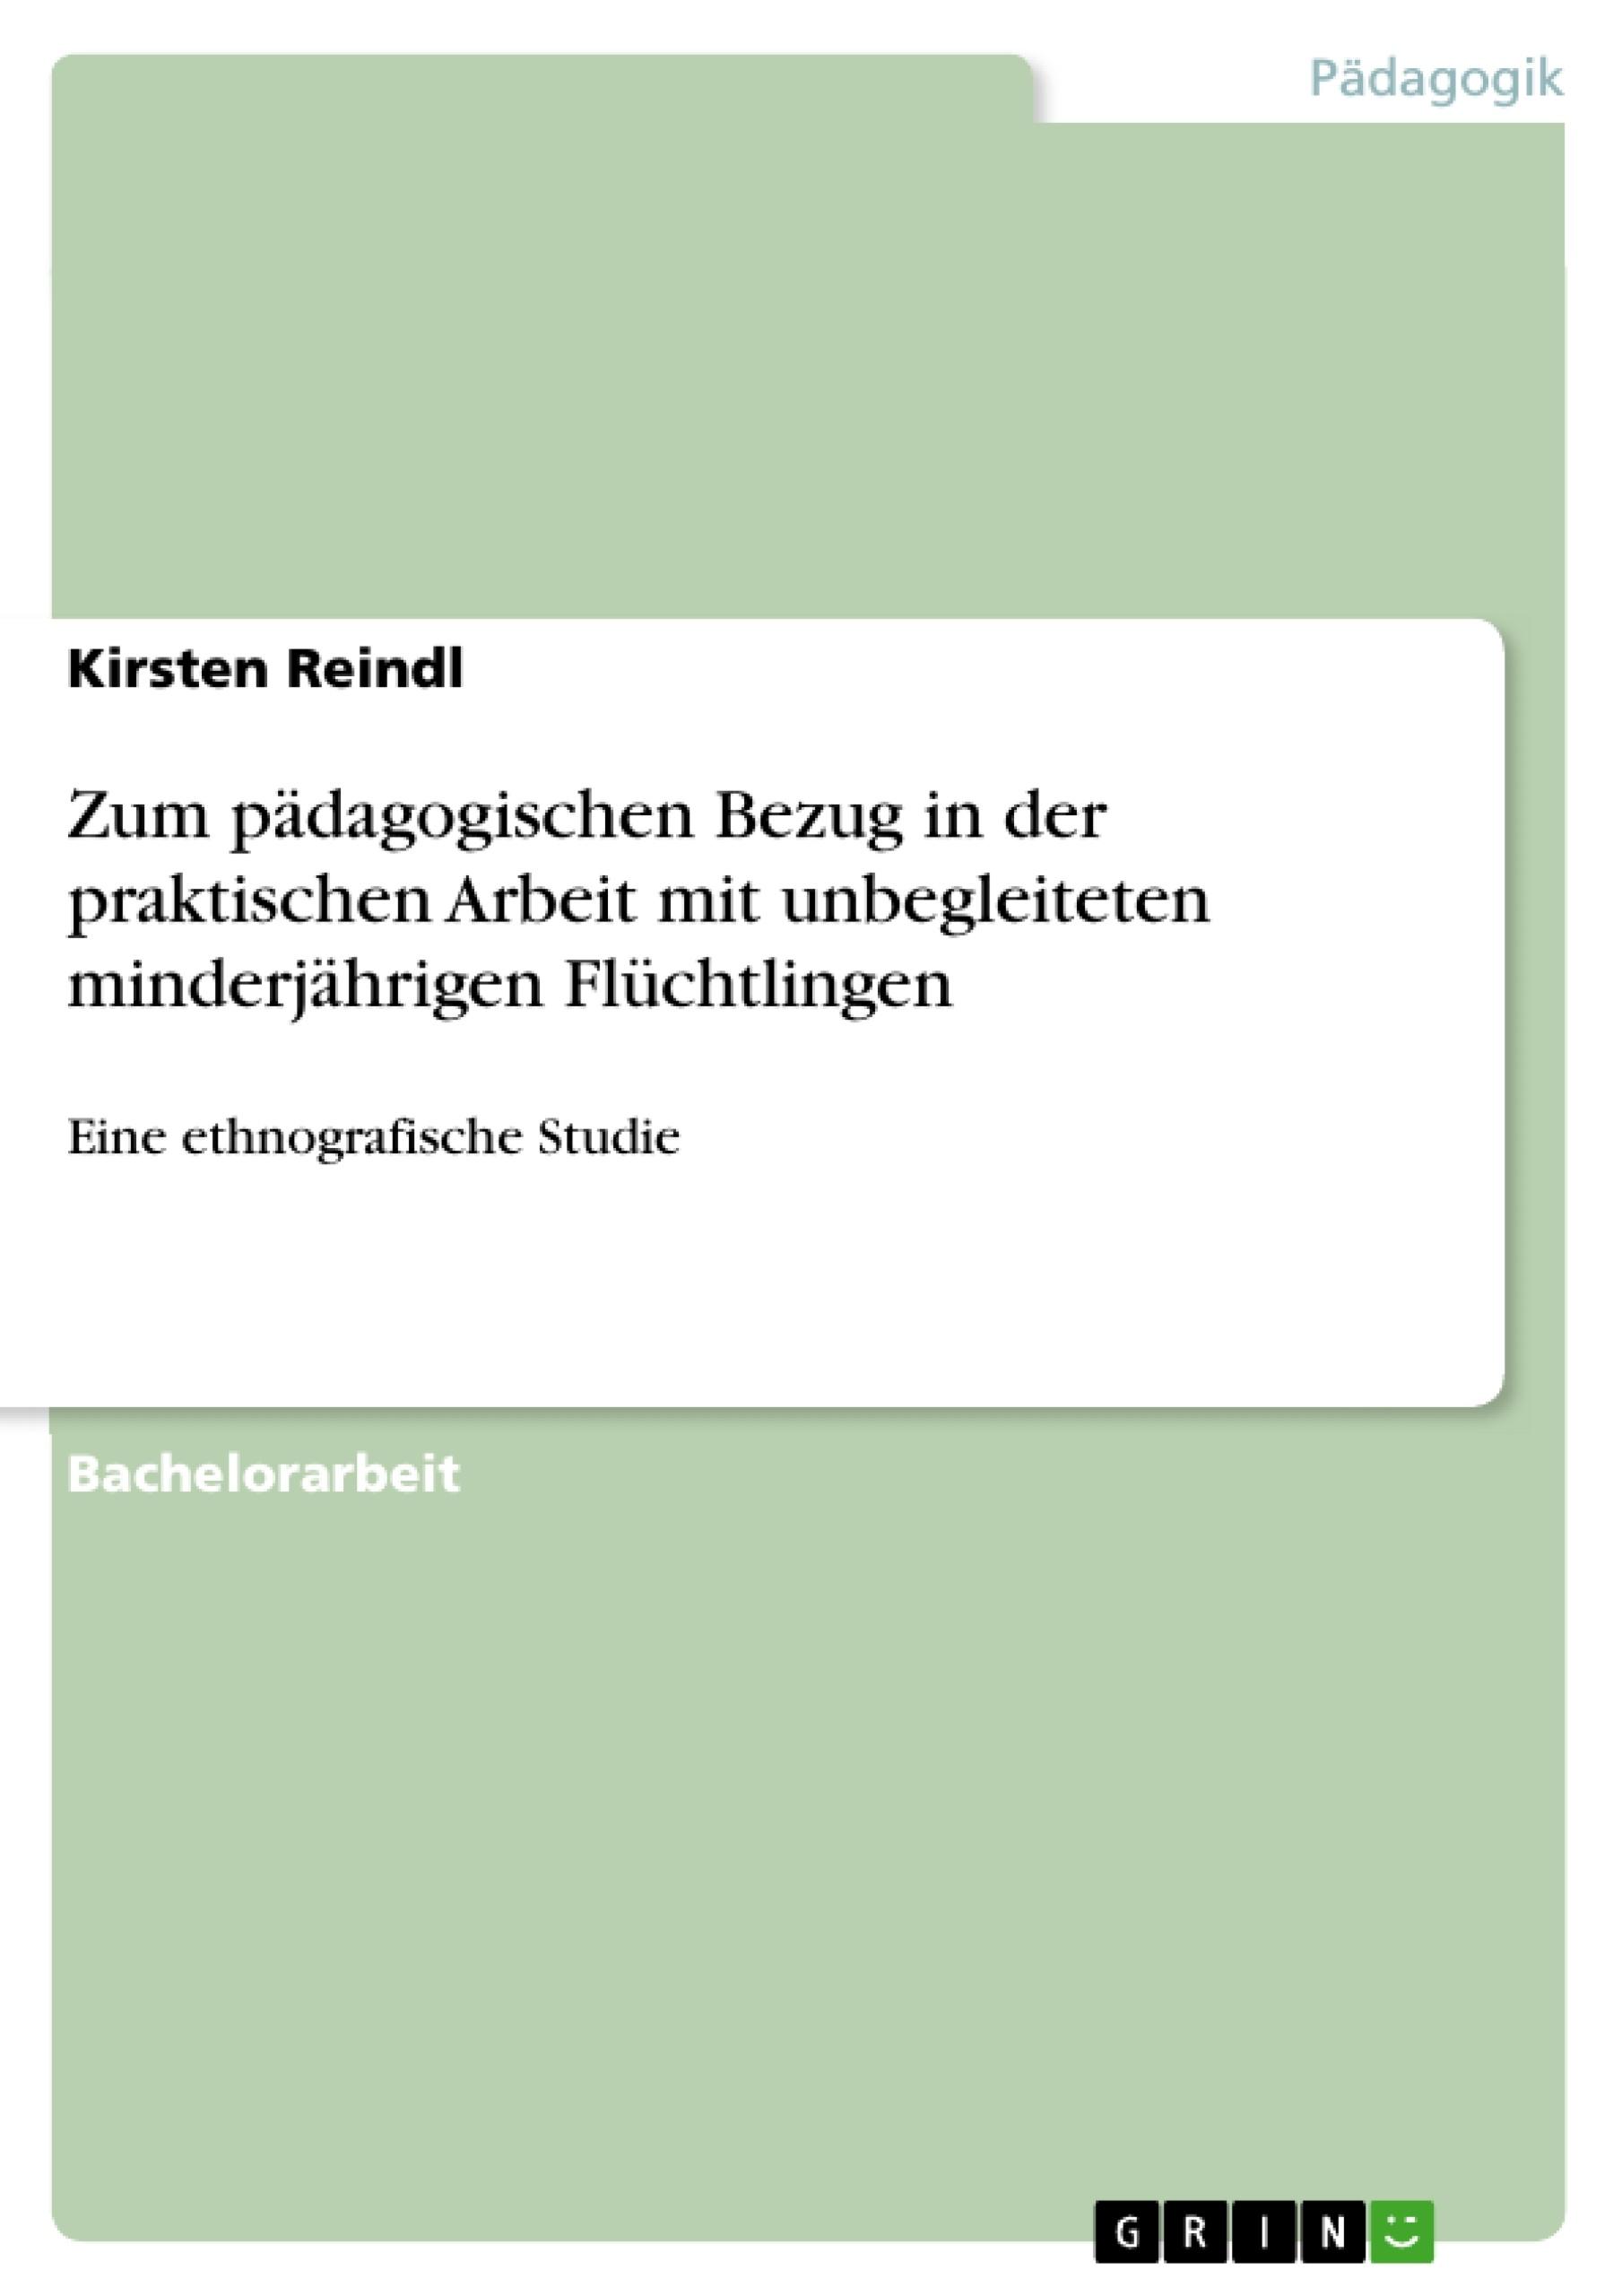 Titel: Zum pädagogischen Bezug in der praktischen Arbeit mit unbegleiteten minderjährigen Flüchtlingen